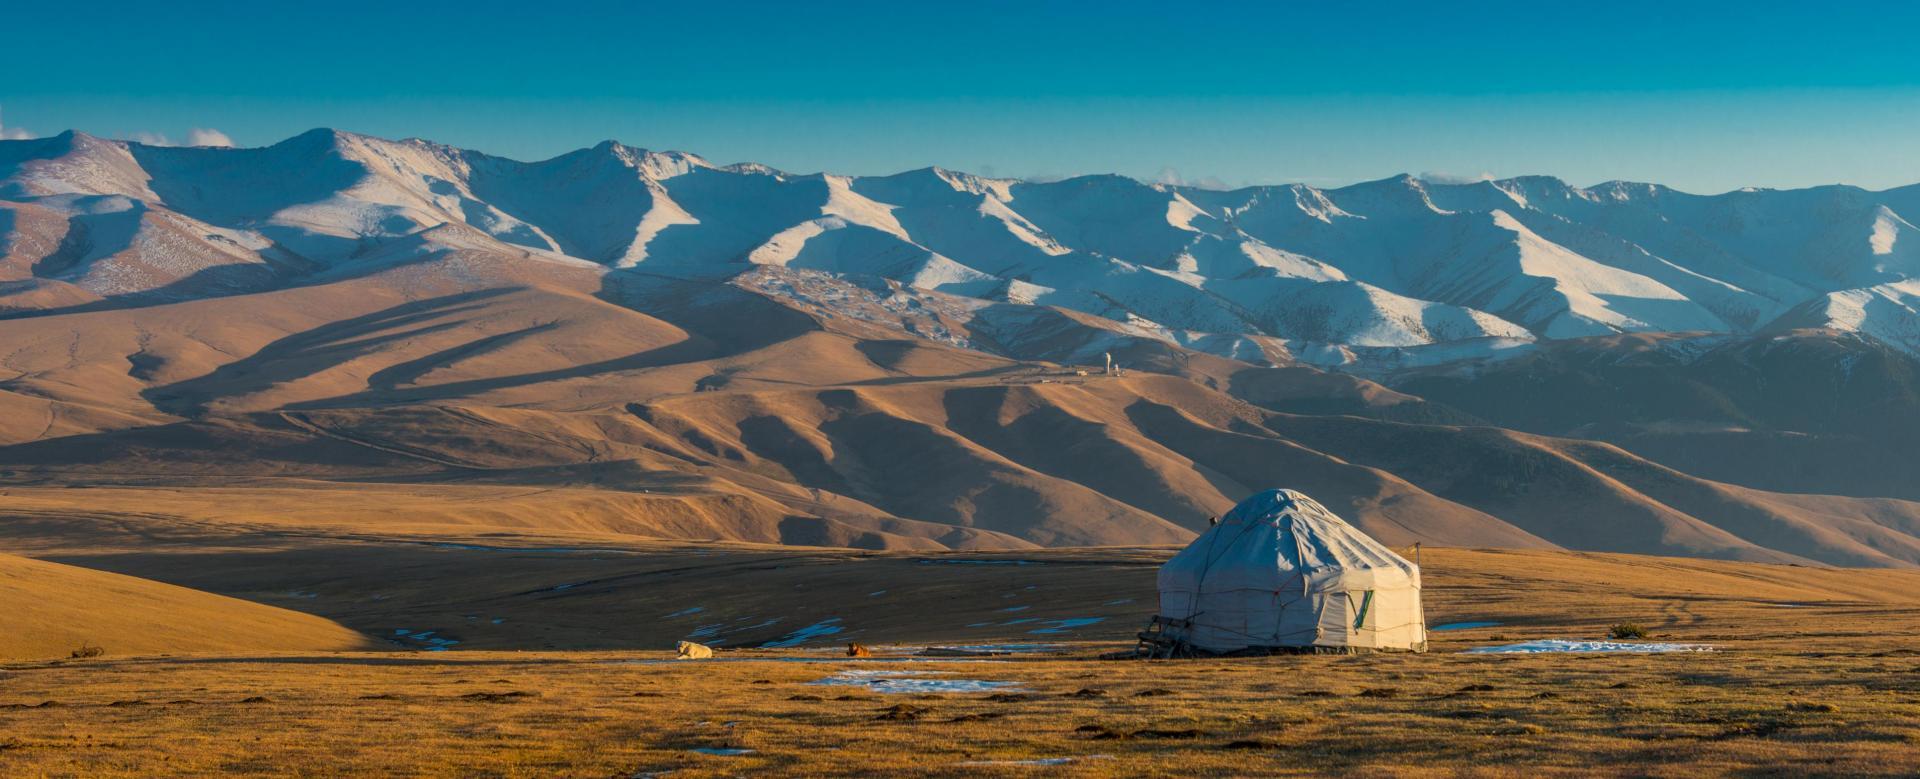 Voyage à pied Mongolie : Grand trek du khangai et désert de gobi